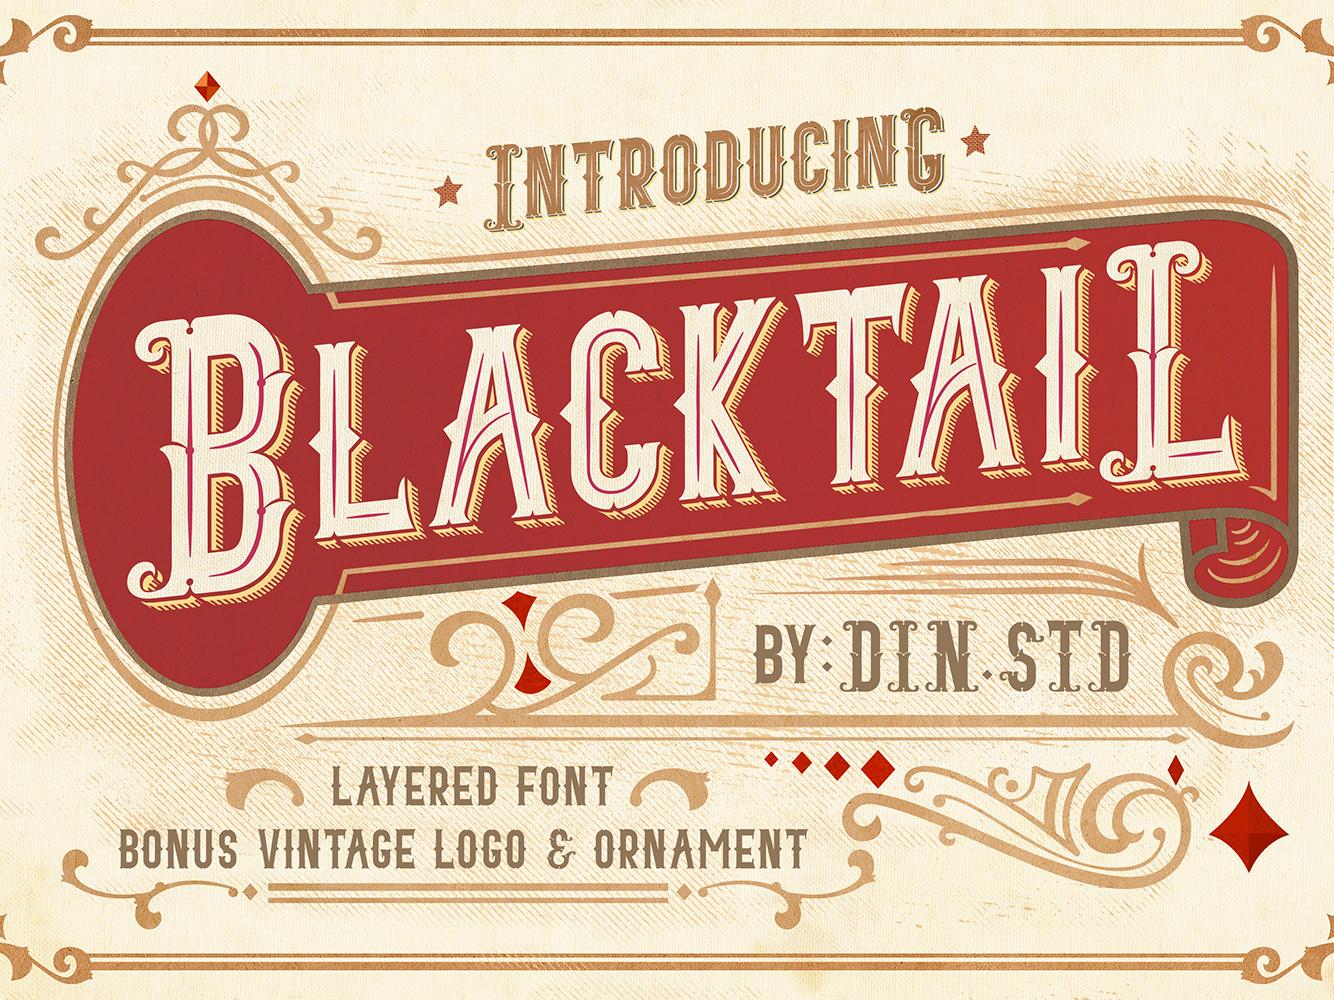 Blacktail Vintage Font vintage badge vintage logo typography logo type branding vintage font vintage